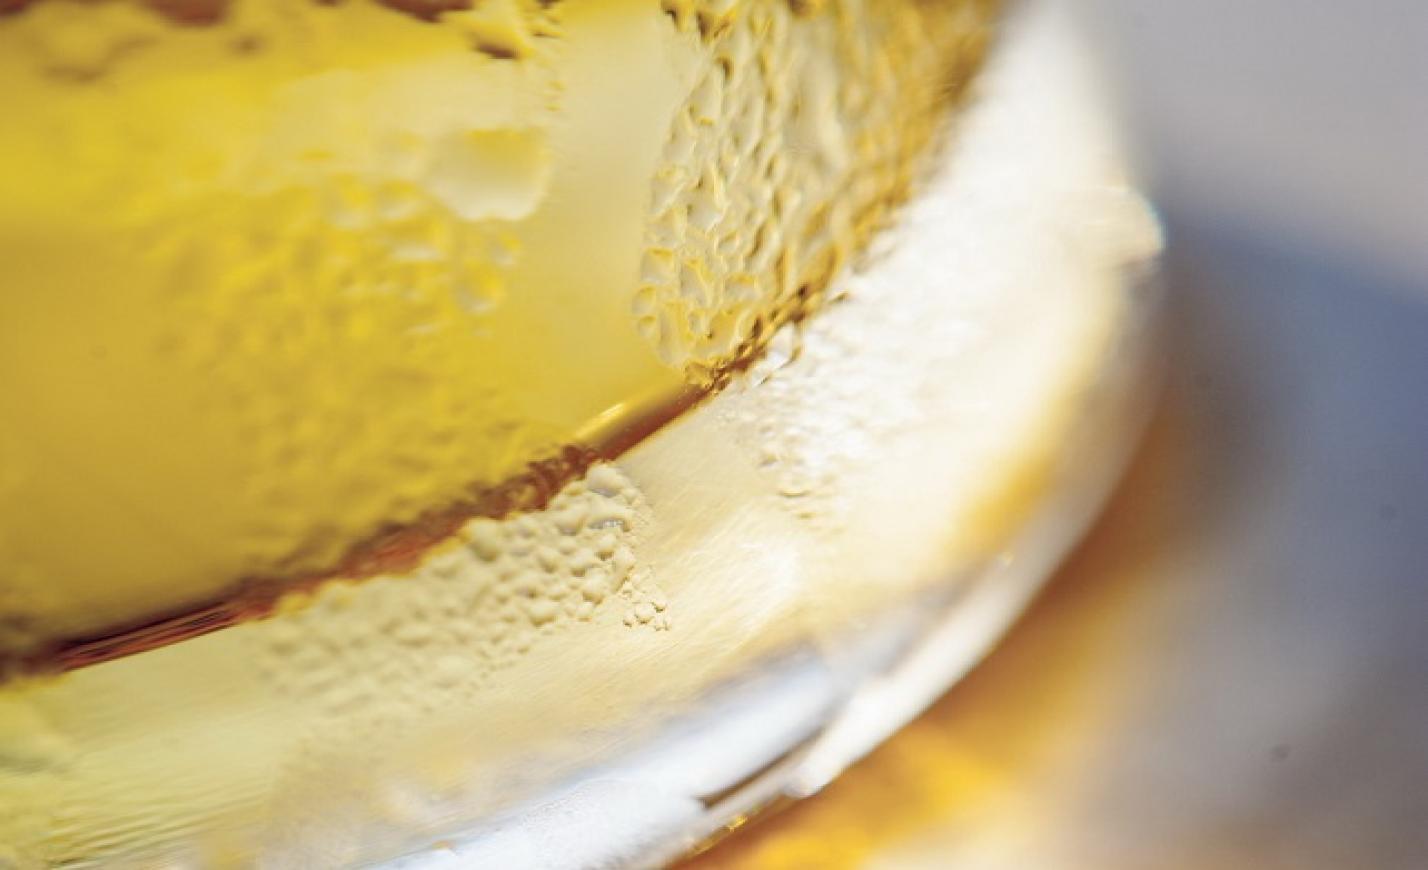 Kézműves sörfesztivált rendeznek Gyulán jövő nyáron